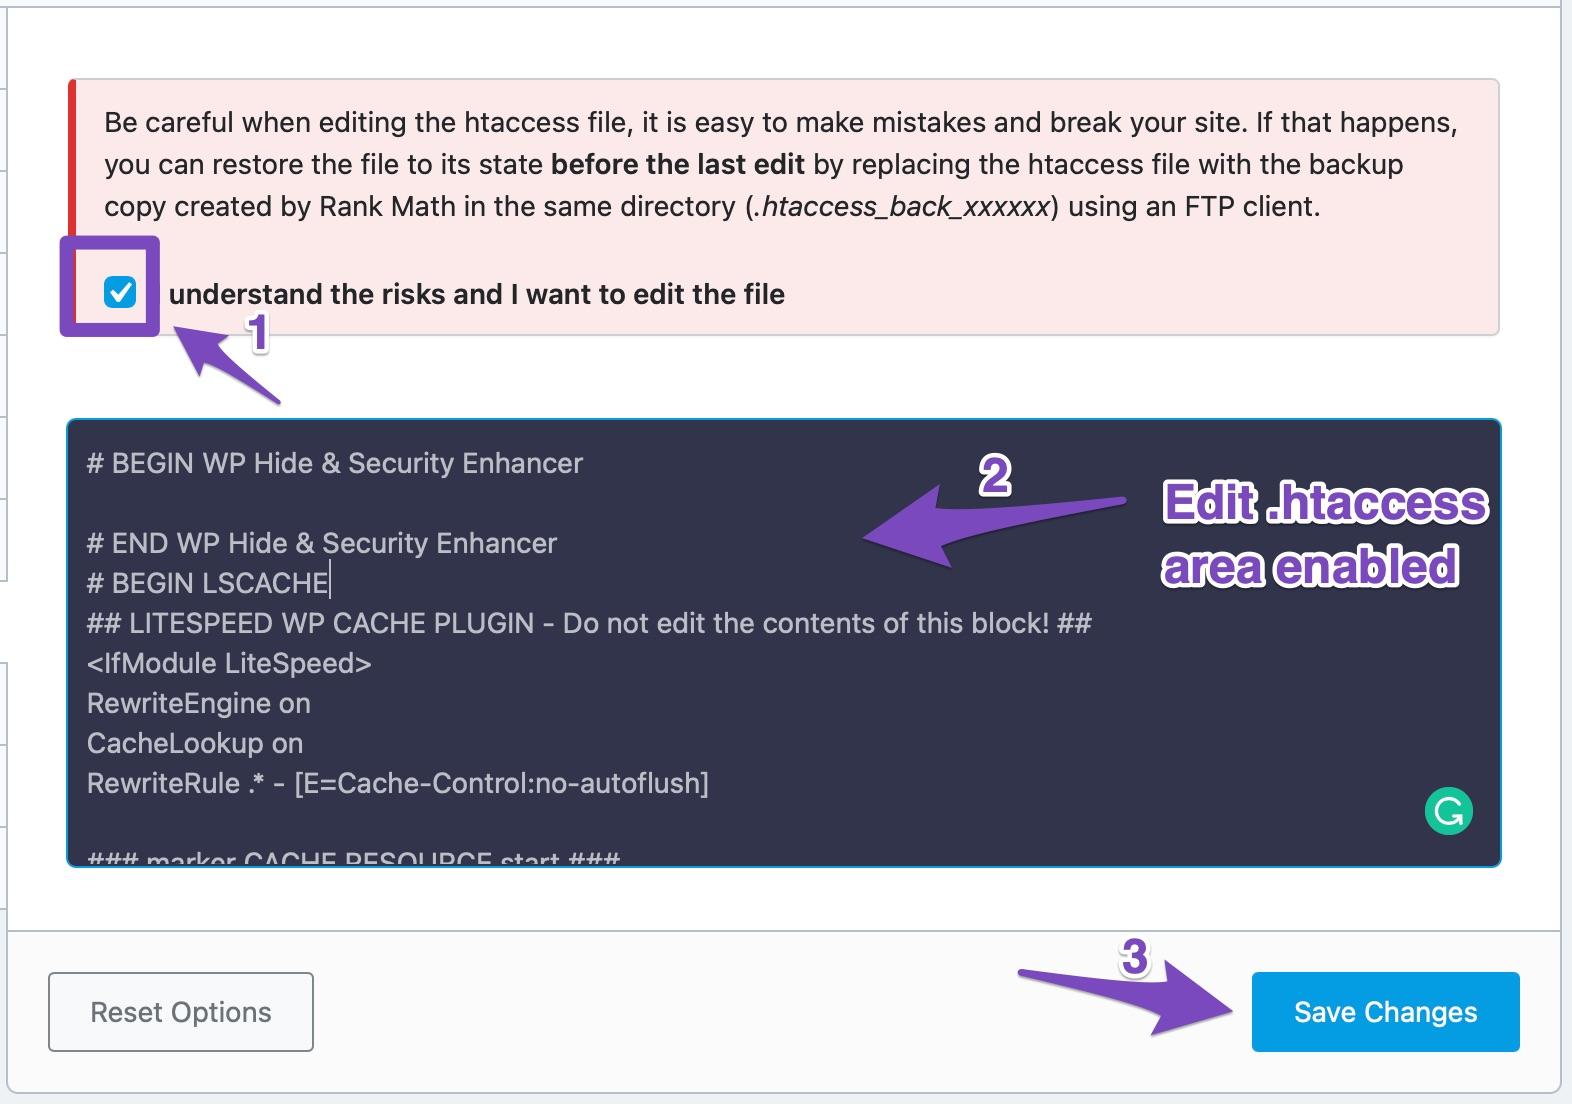 confirm edit notice